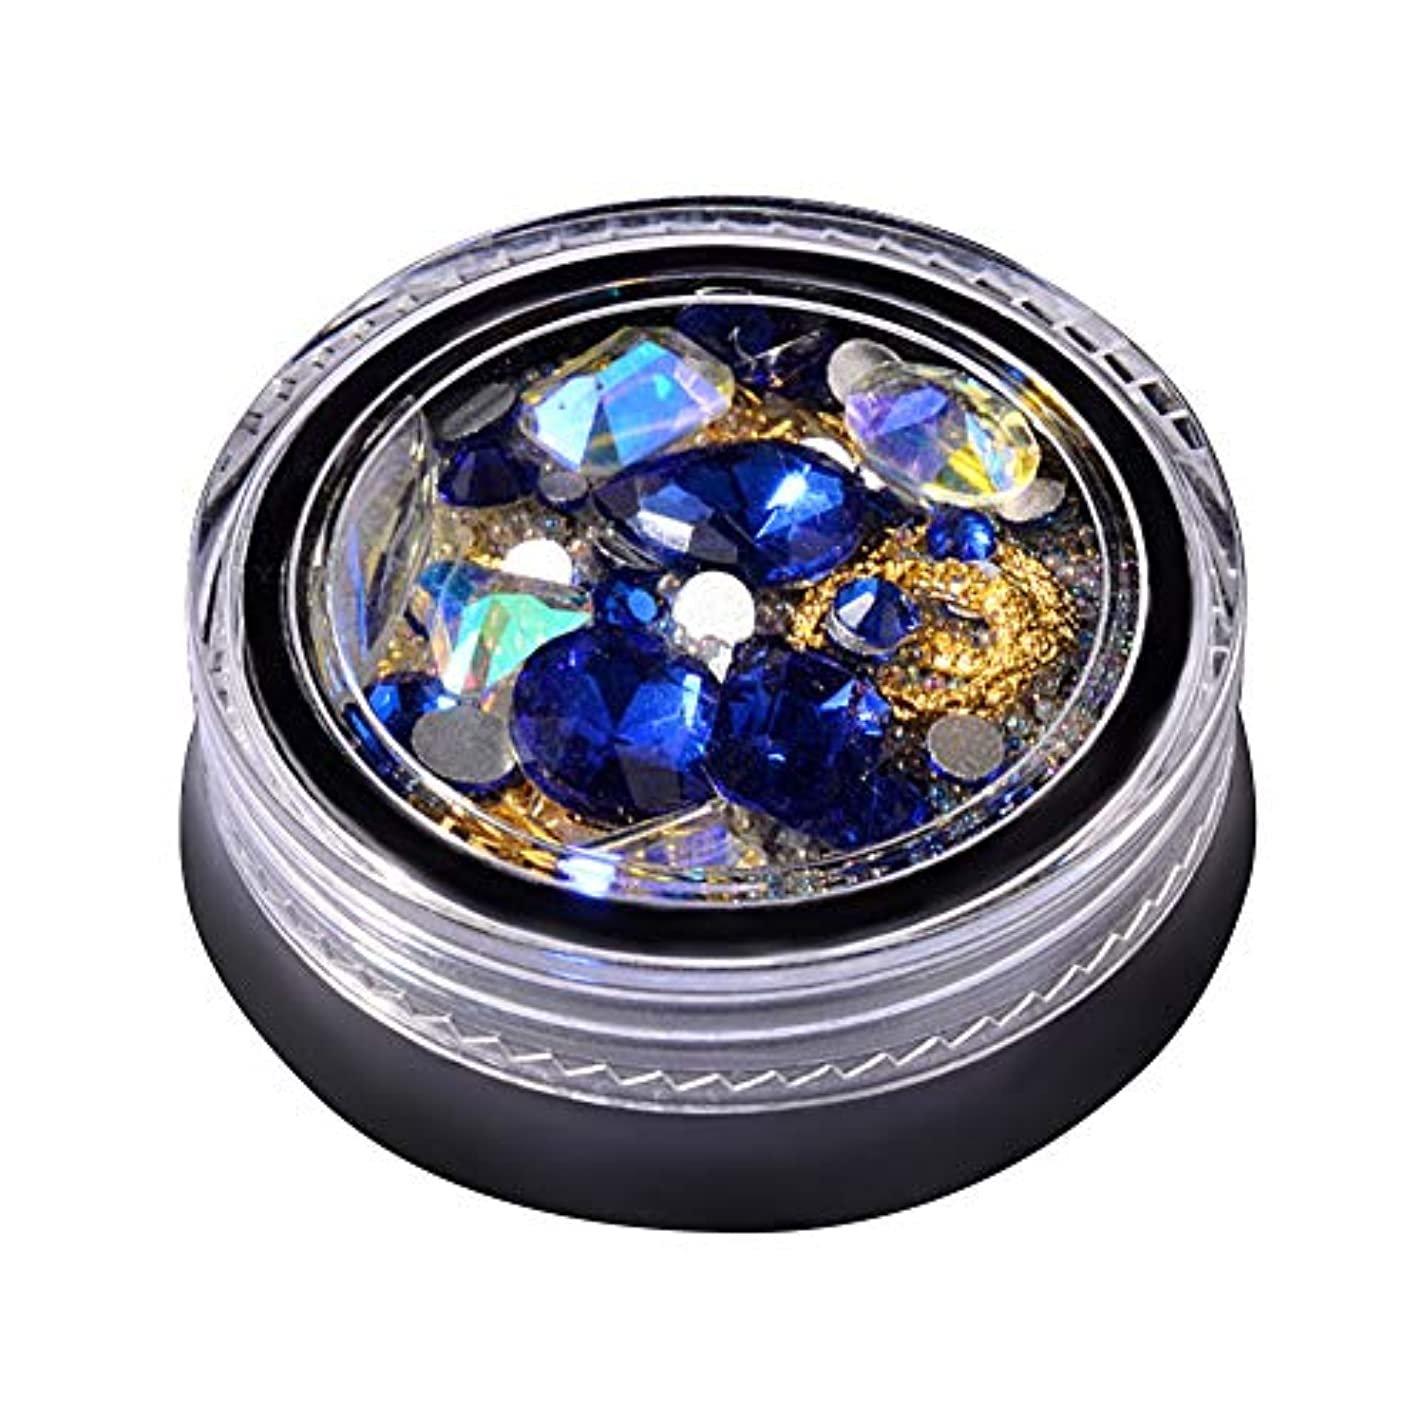 物理学者思いやり弱点ネイルジュエリーネイルダイヤモンド形の多面的な創造的な装飾的な模造ダイヤモンドドリルダイヤモンドは青のDIYネイルアートツールセットの小道具